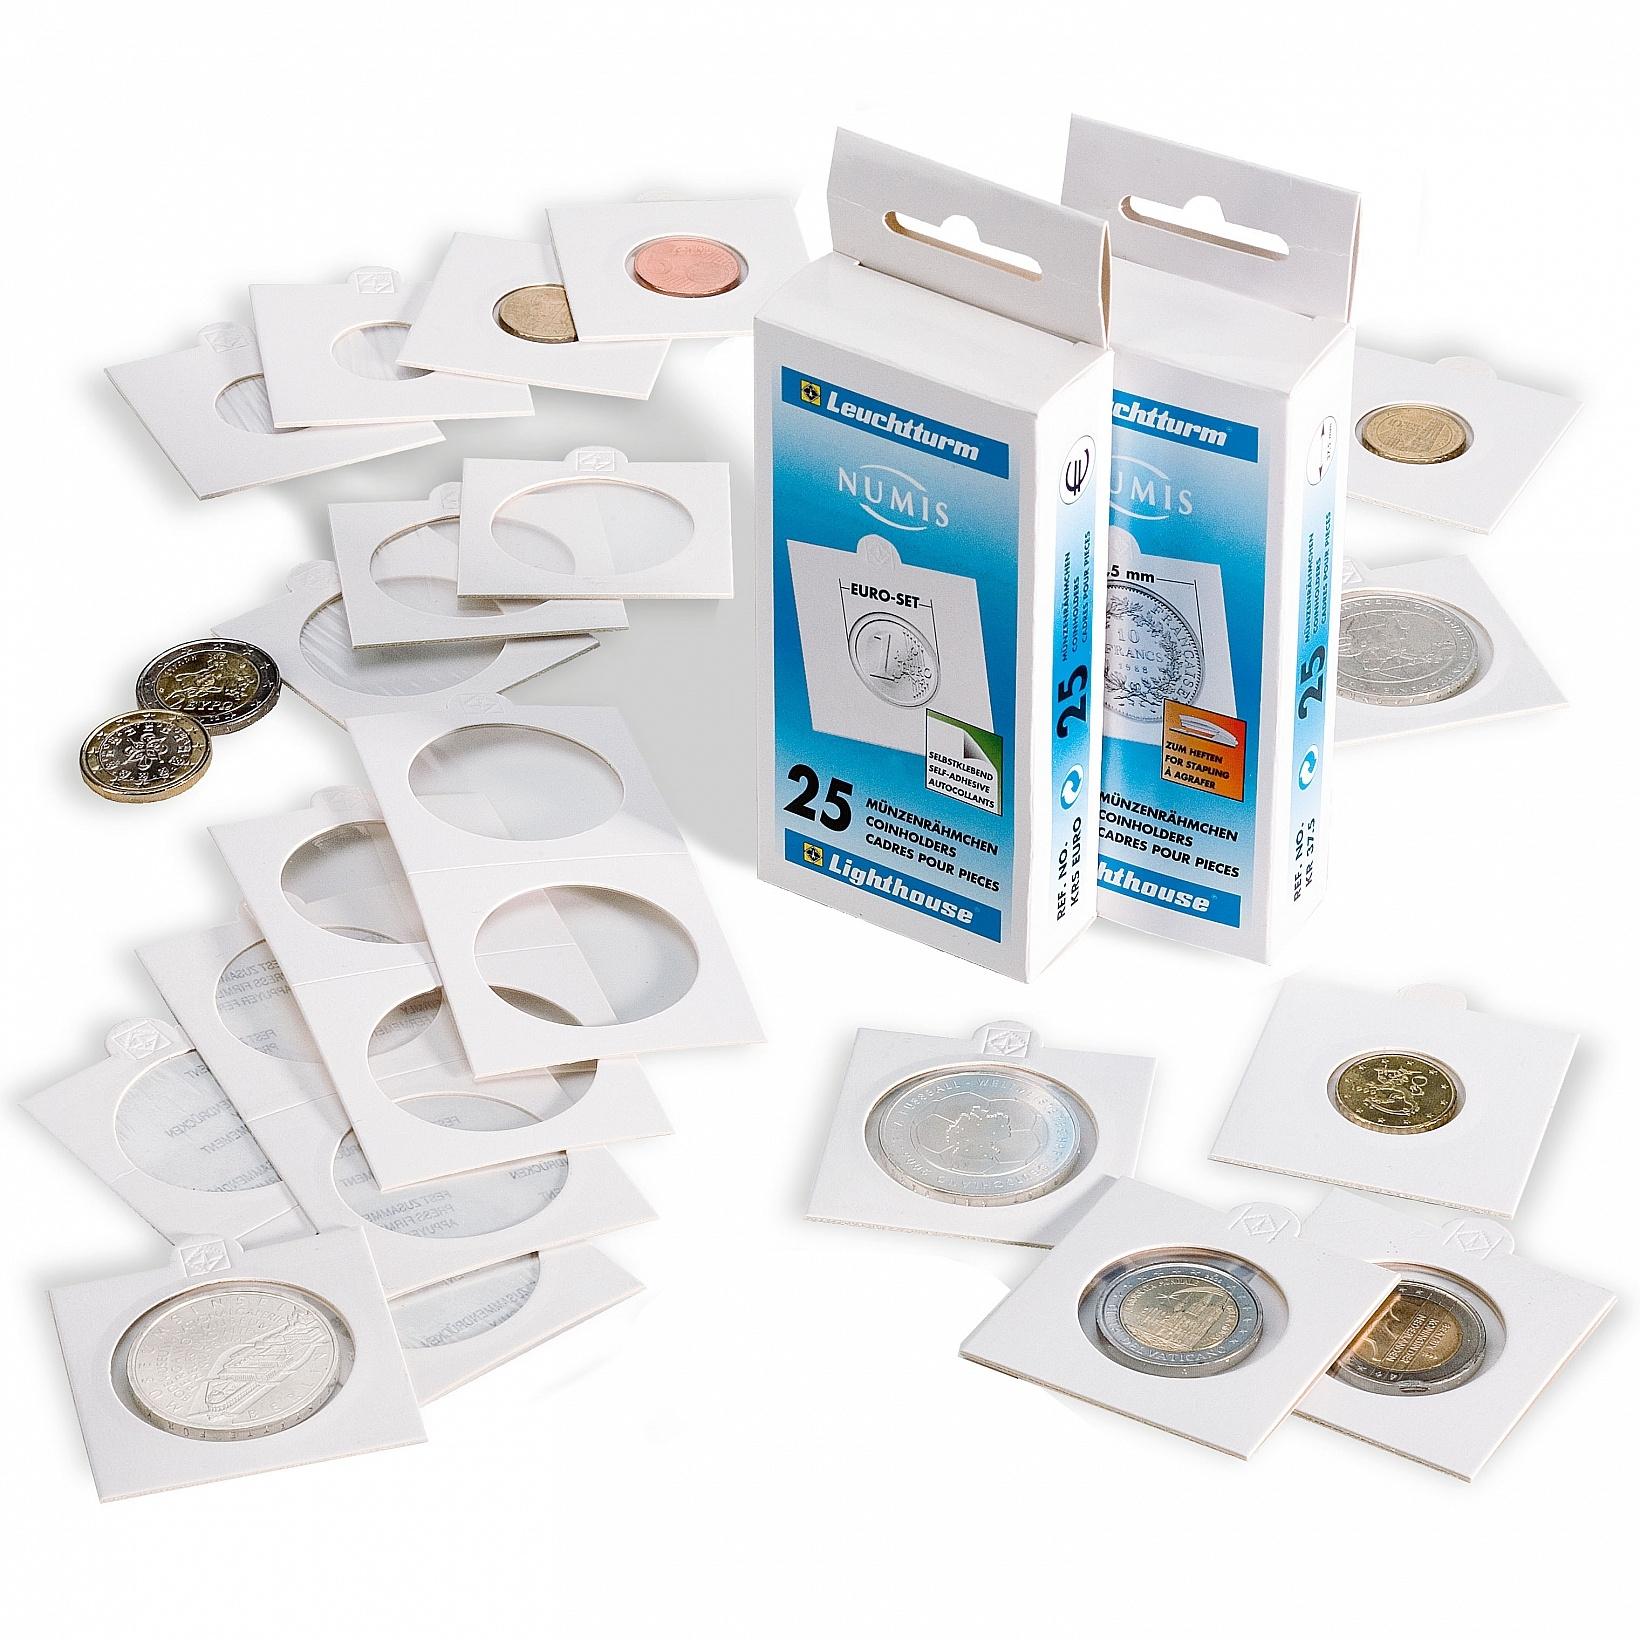 Χαρτονάκια Νομισμάτων Θήκες Lighthouse Συρραπτικού 30mm Νο 6